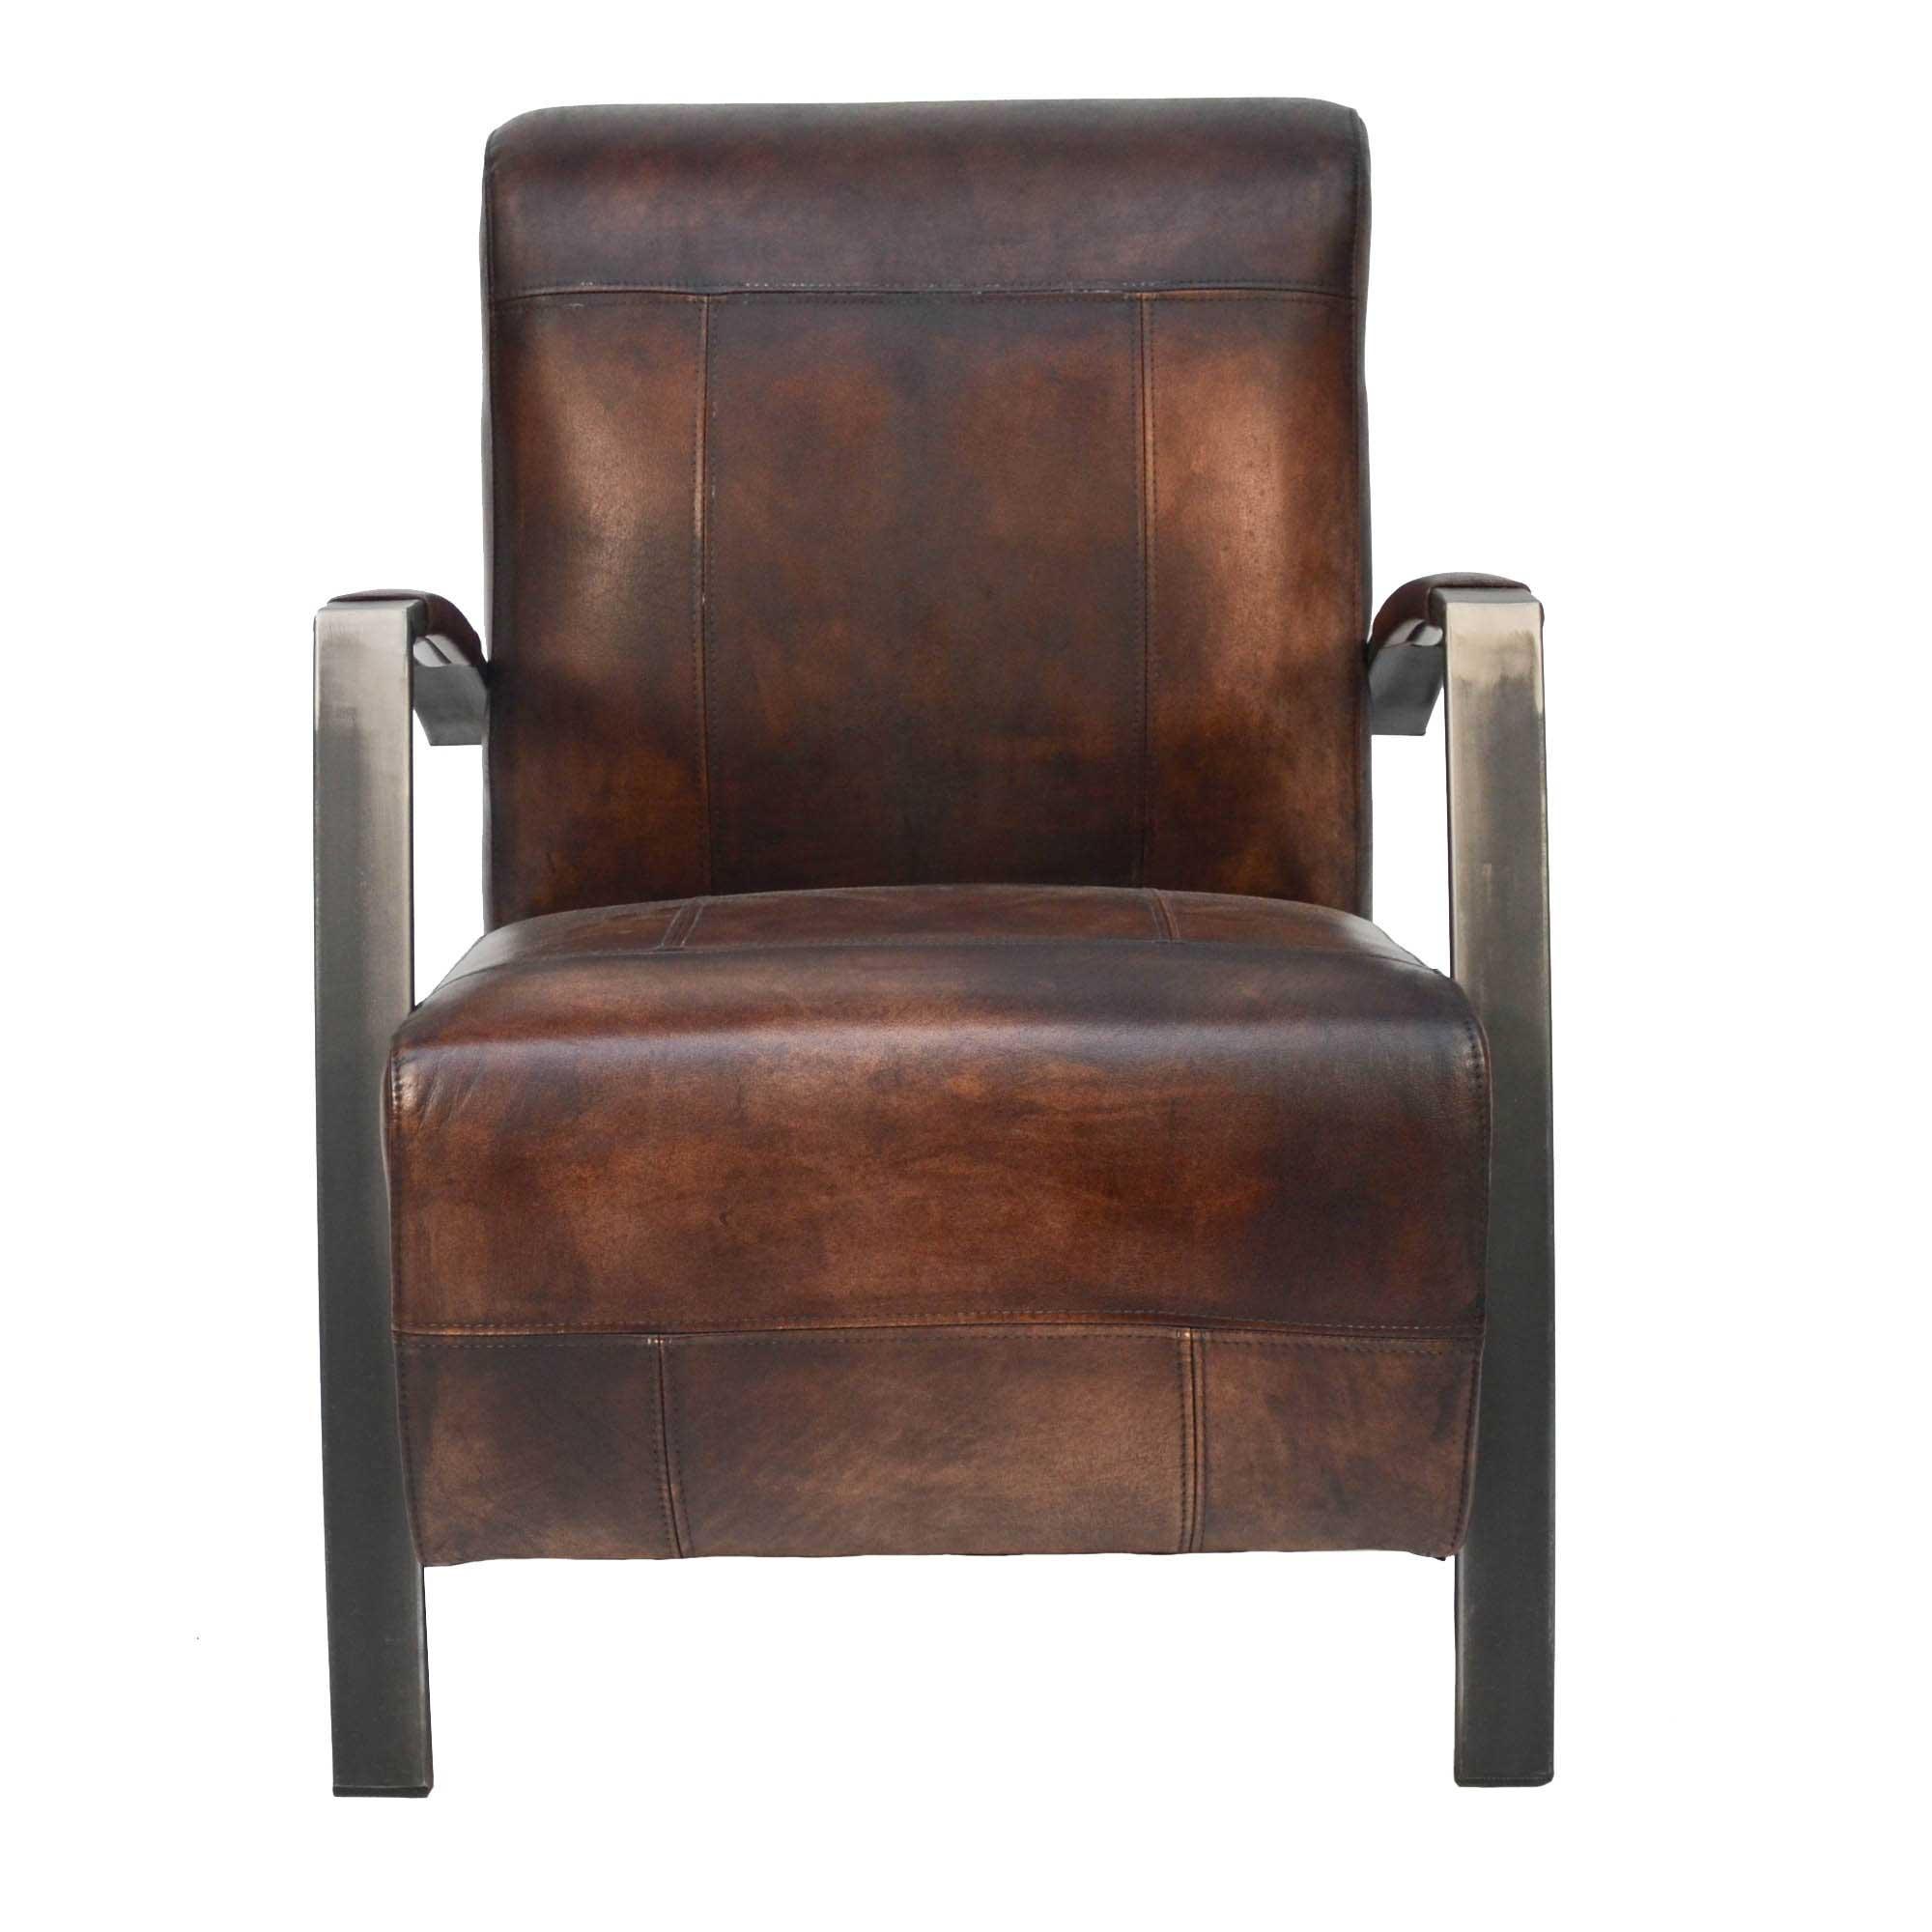 lounge sessel ikea. Black Bedroom Furniture Sets. Home Design Ideas